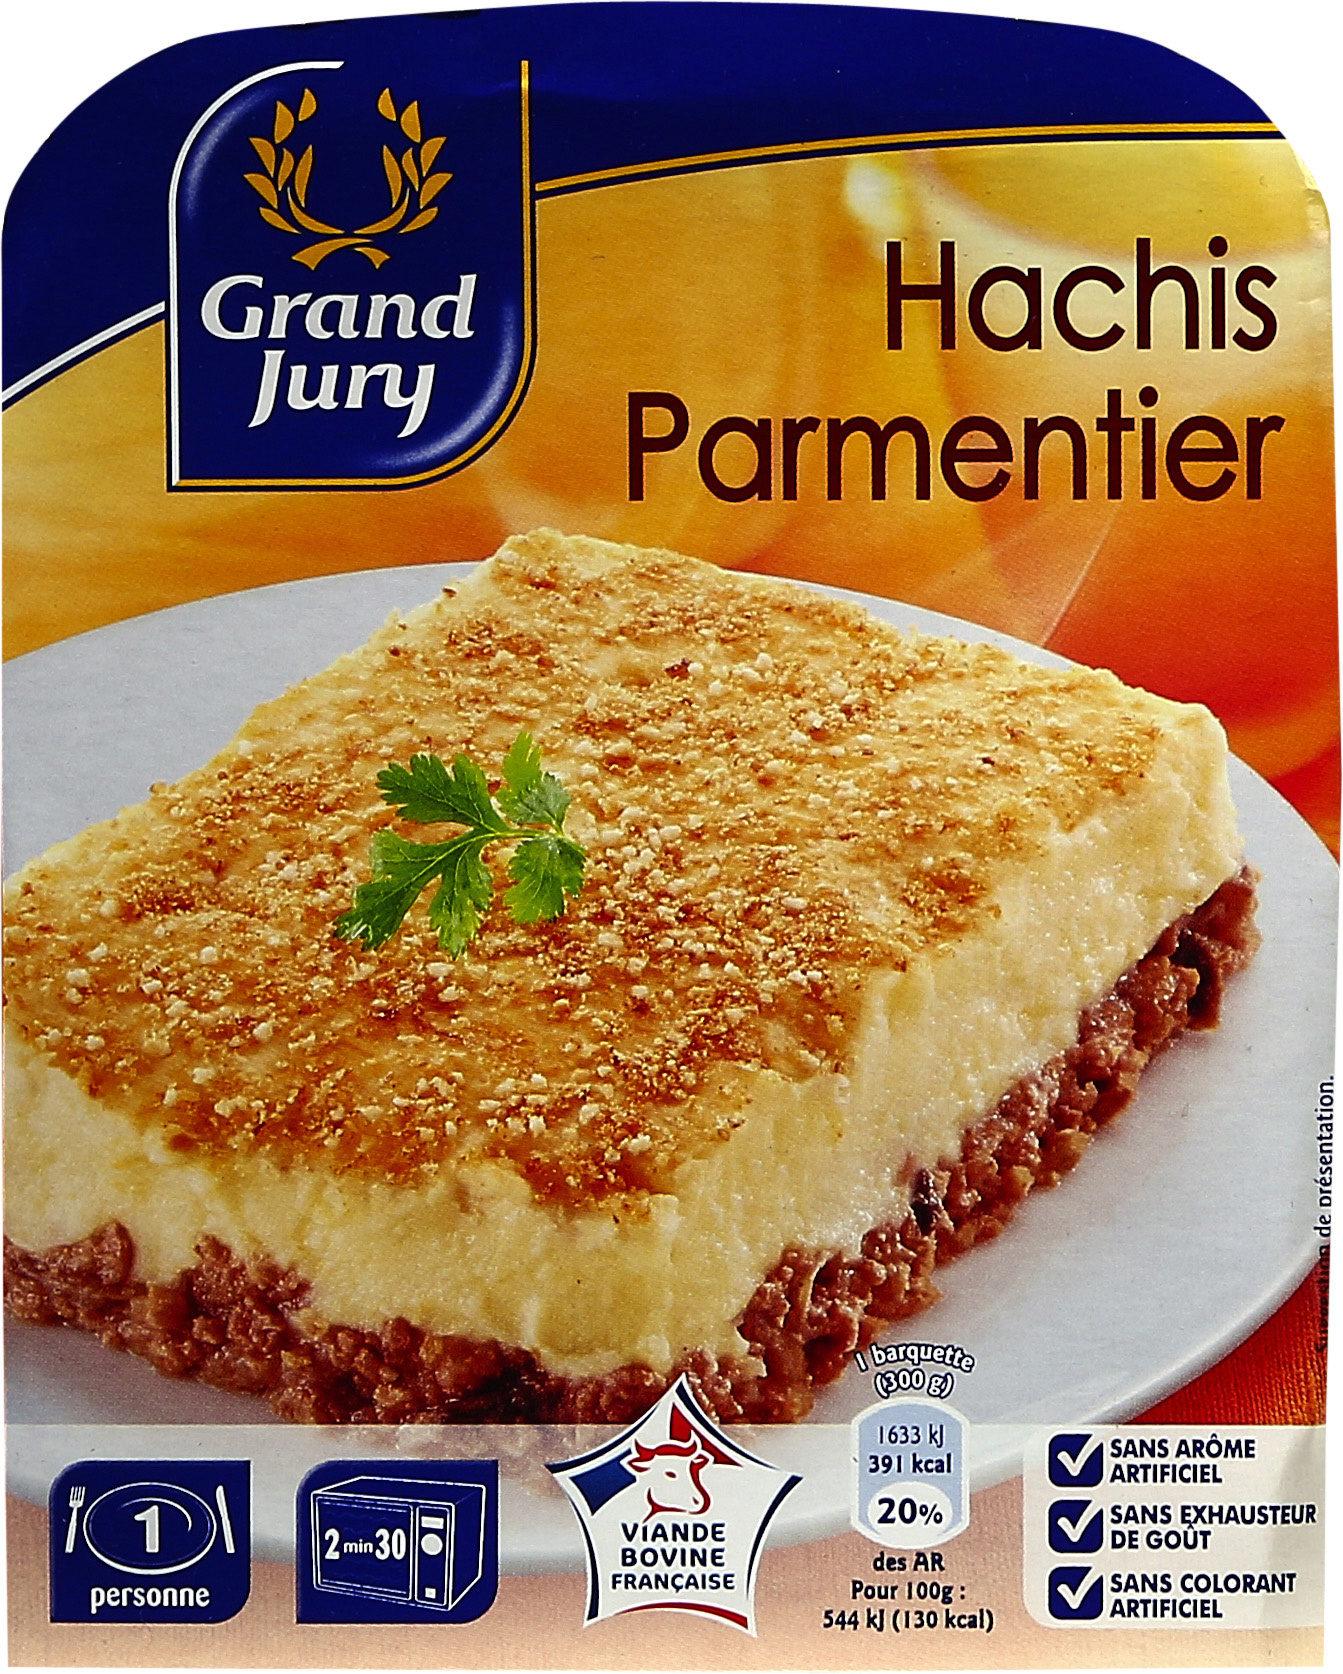 Hachis parmentier - 300 g - grand jury - Produit